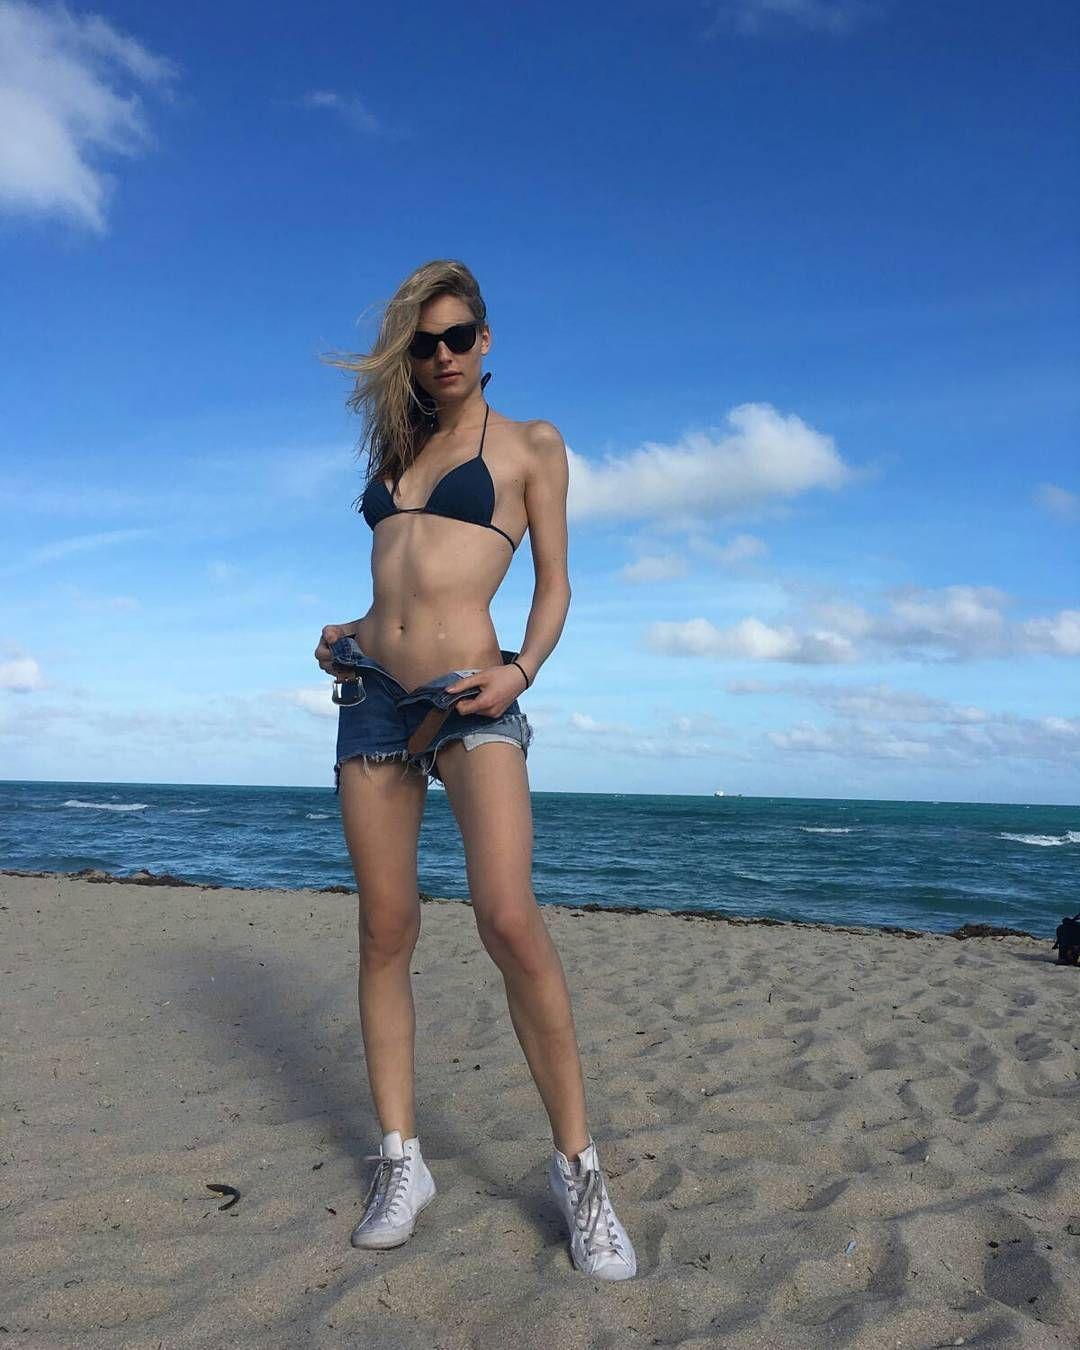 Hot Transgender In Bikini